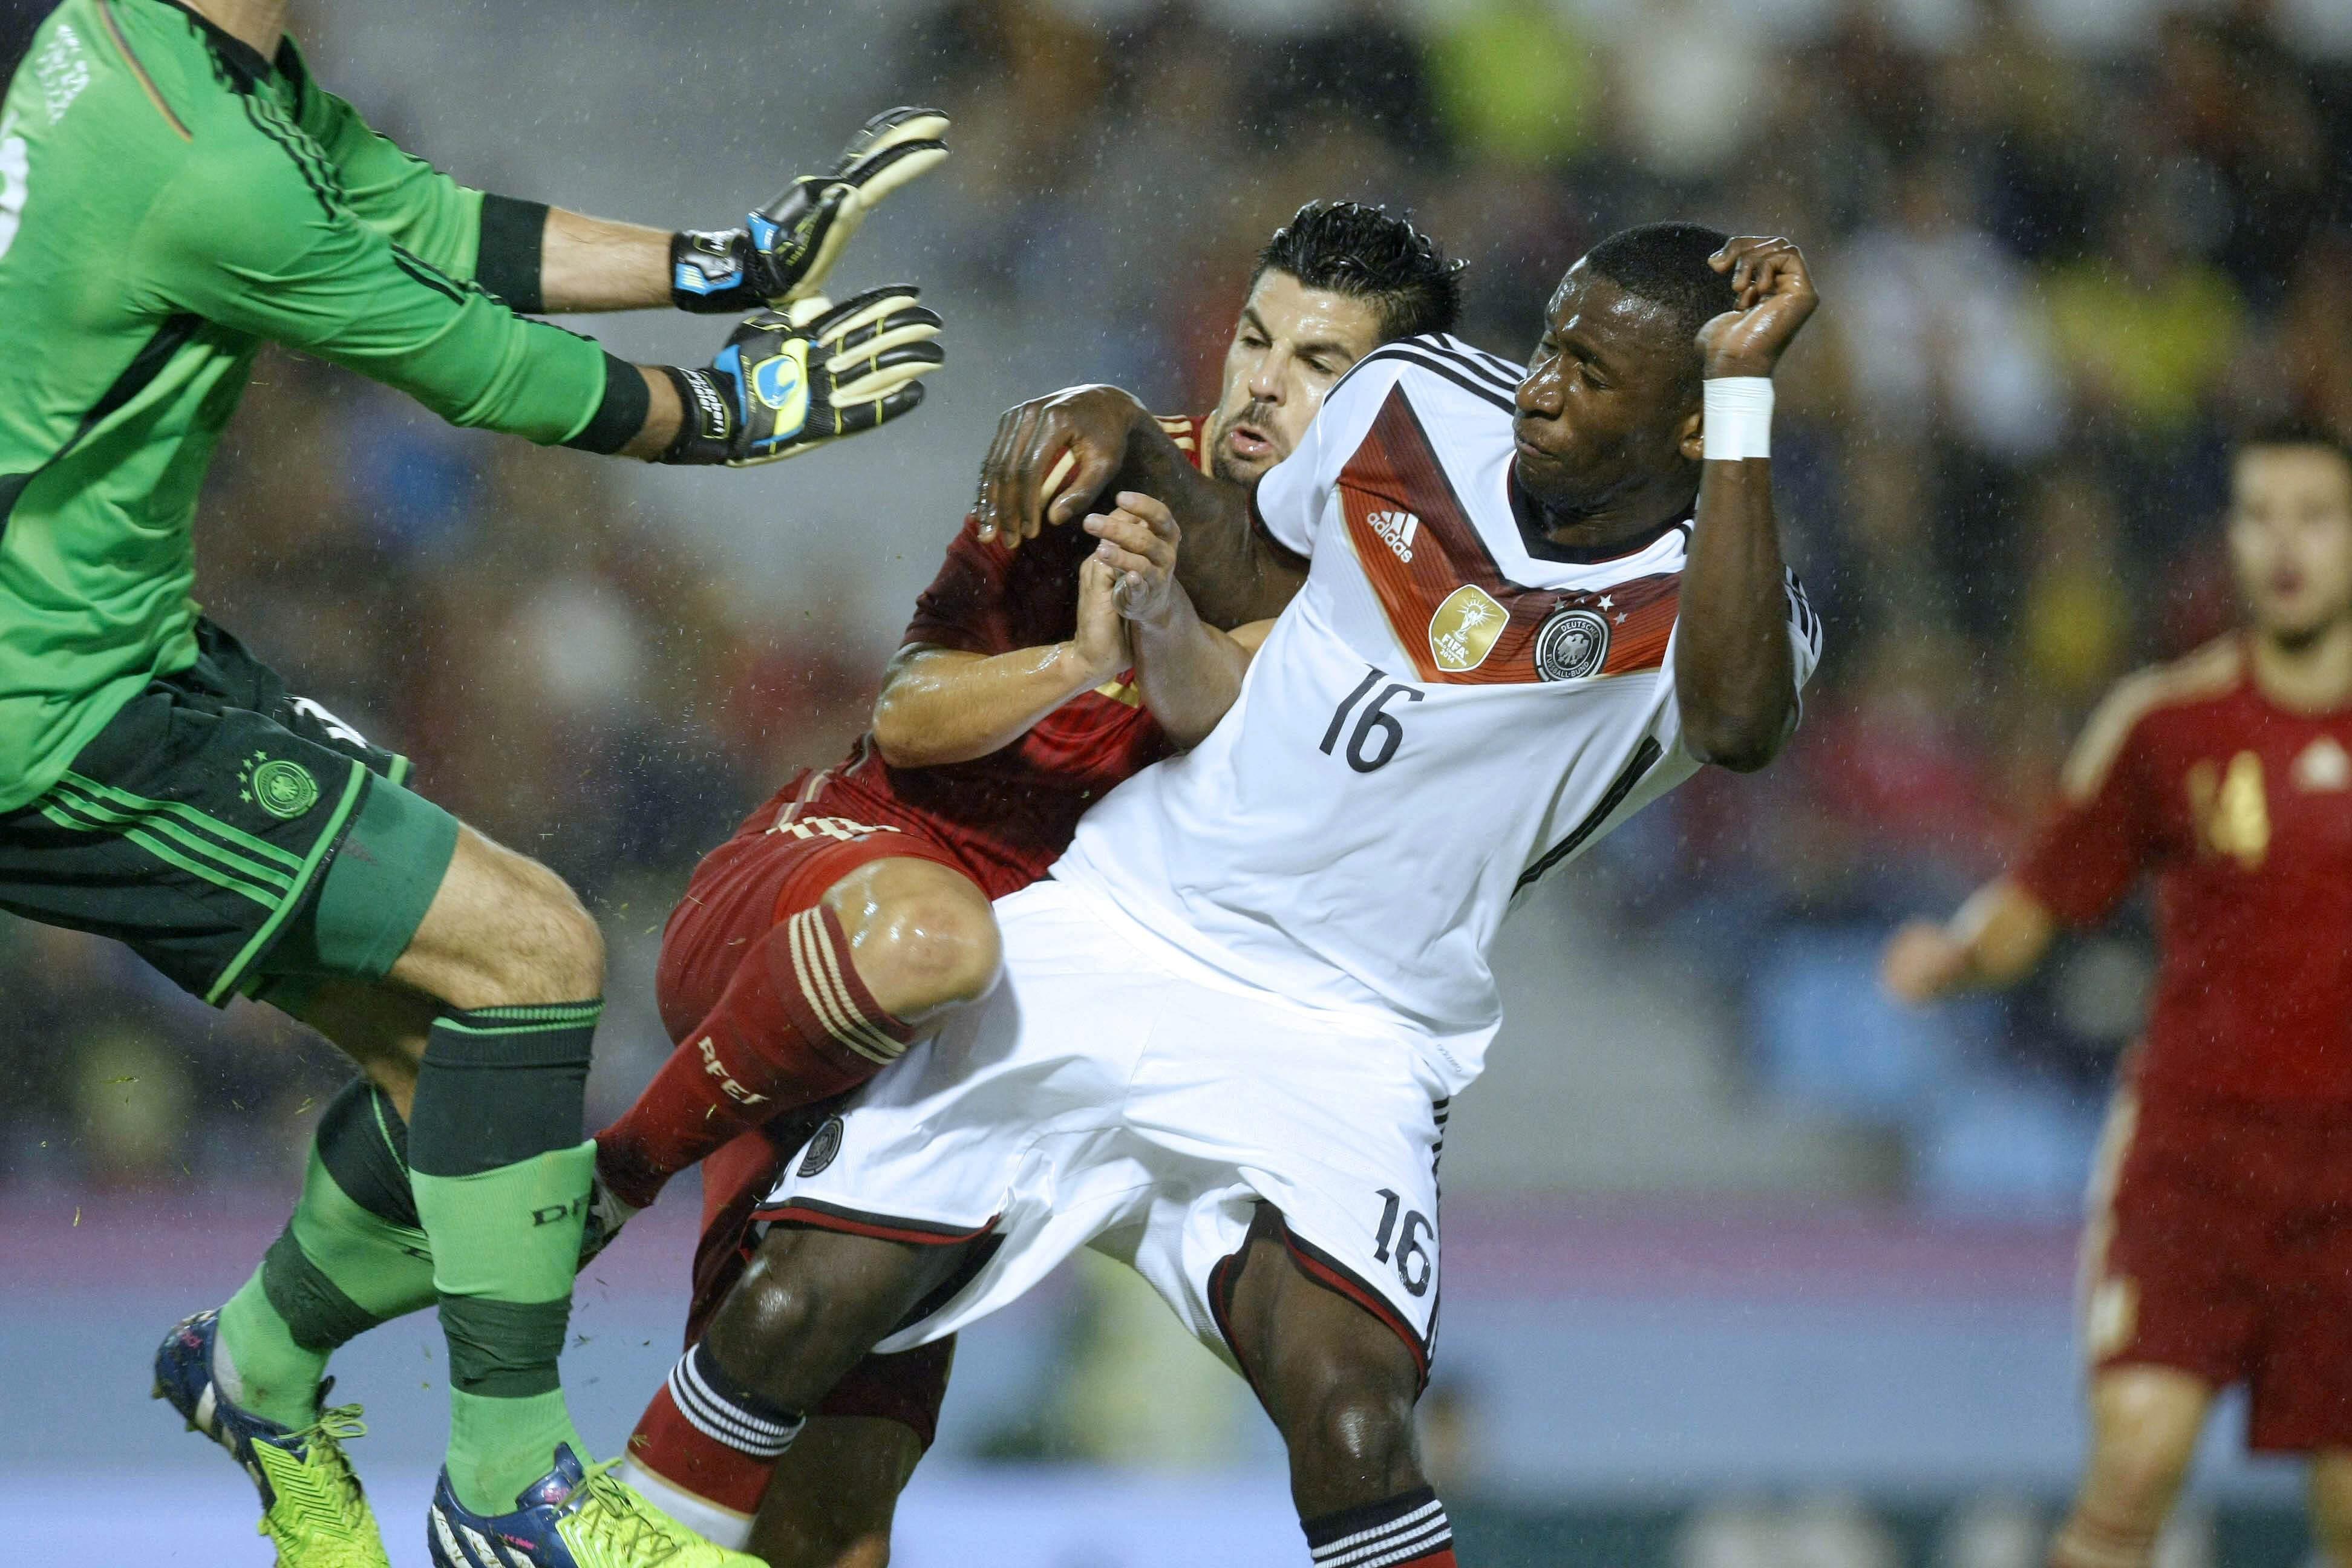 Spagna vs. Germania - Amichevoli Internazionali